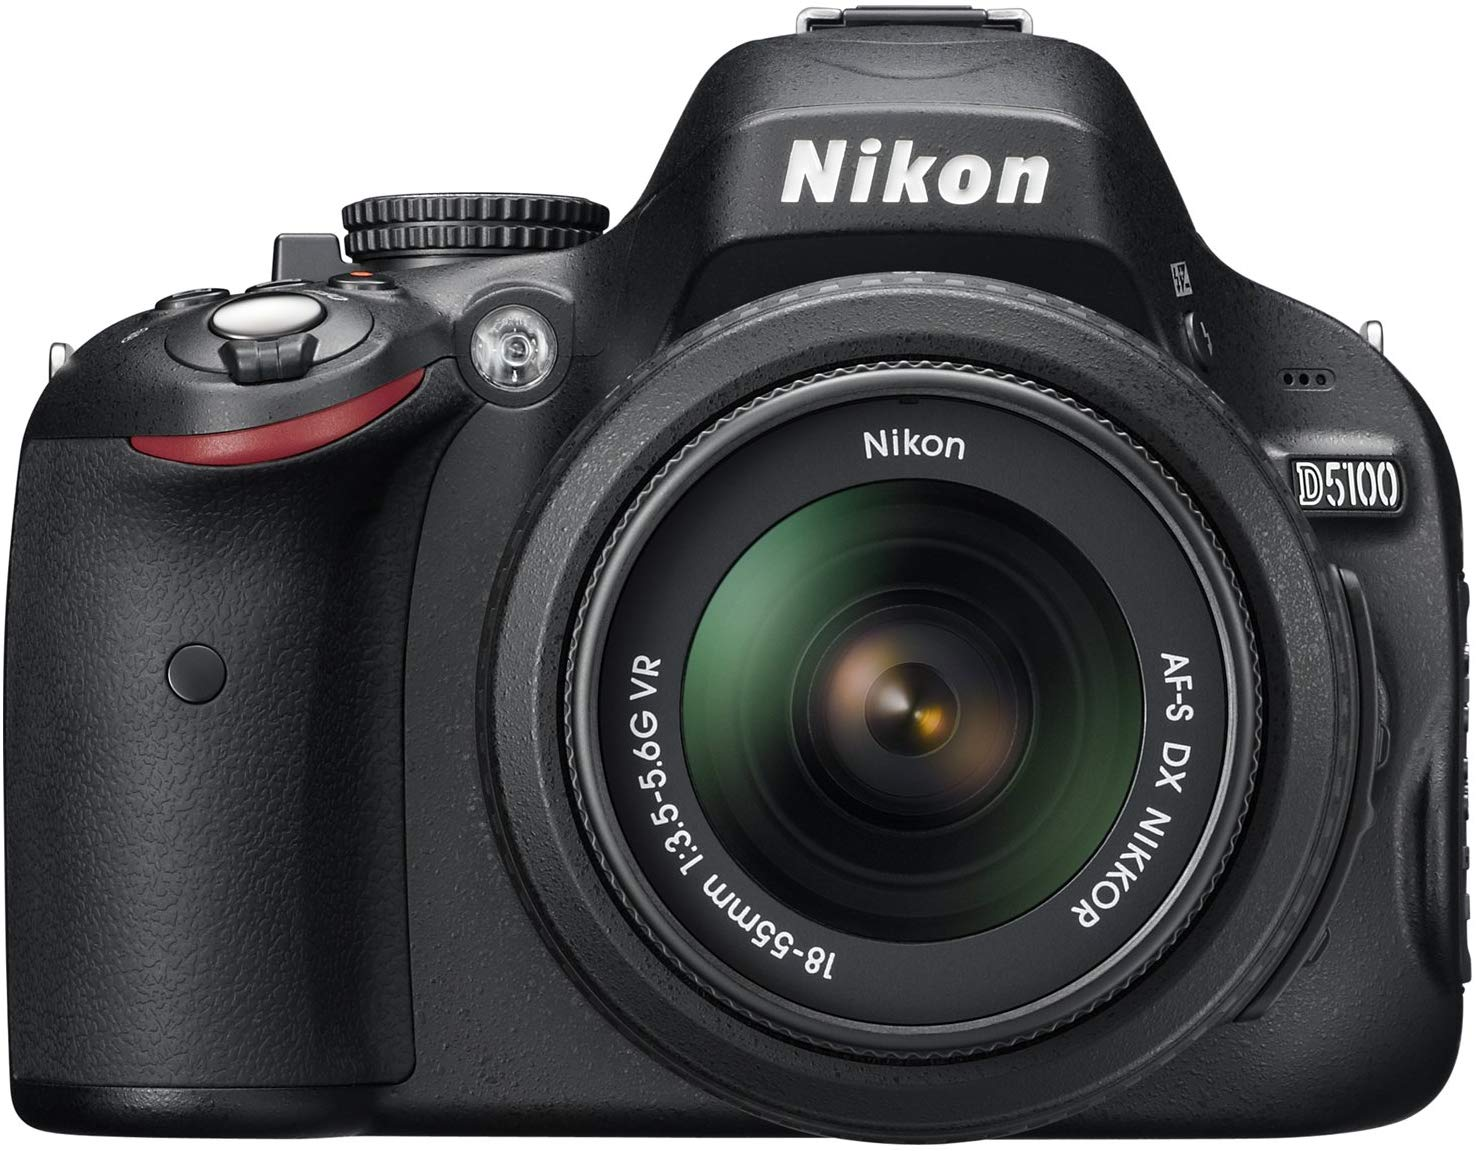 nikon d5100 autofocus system image